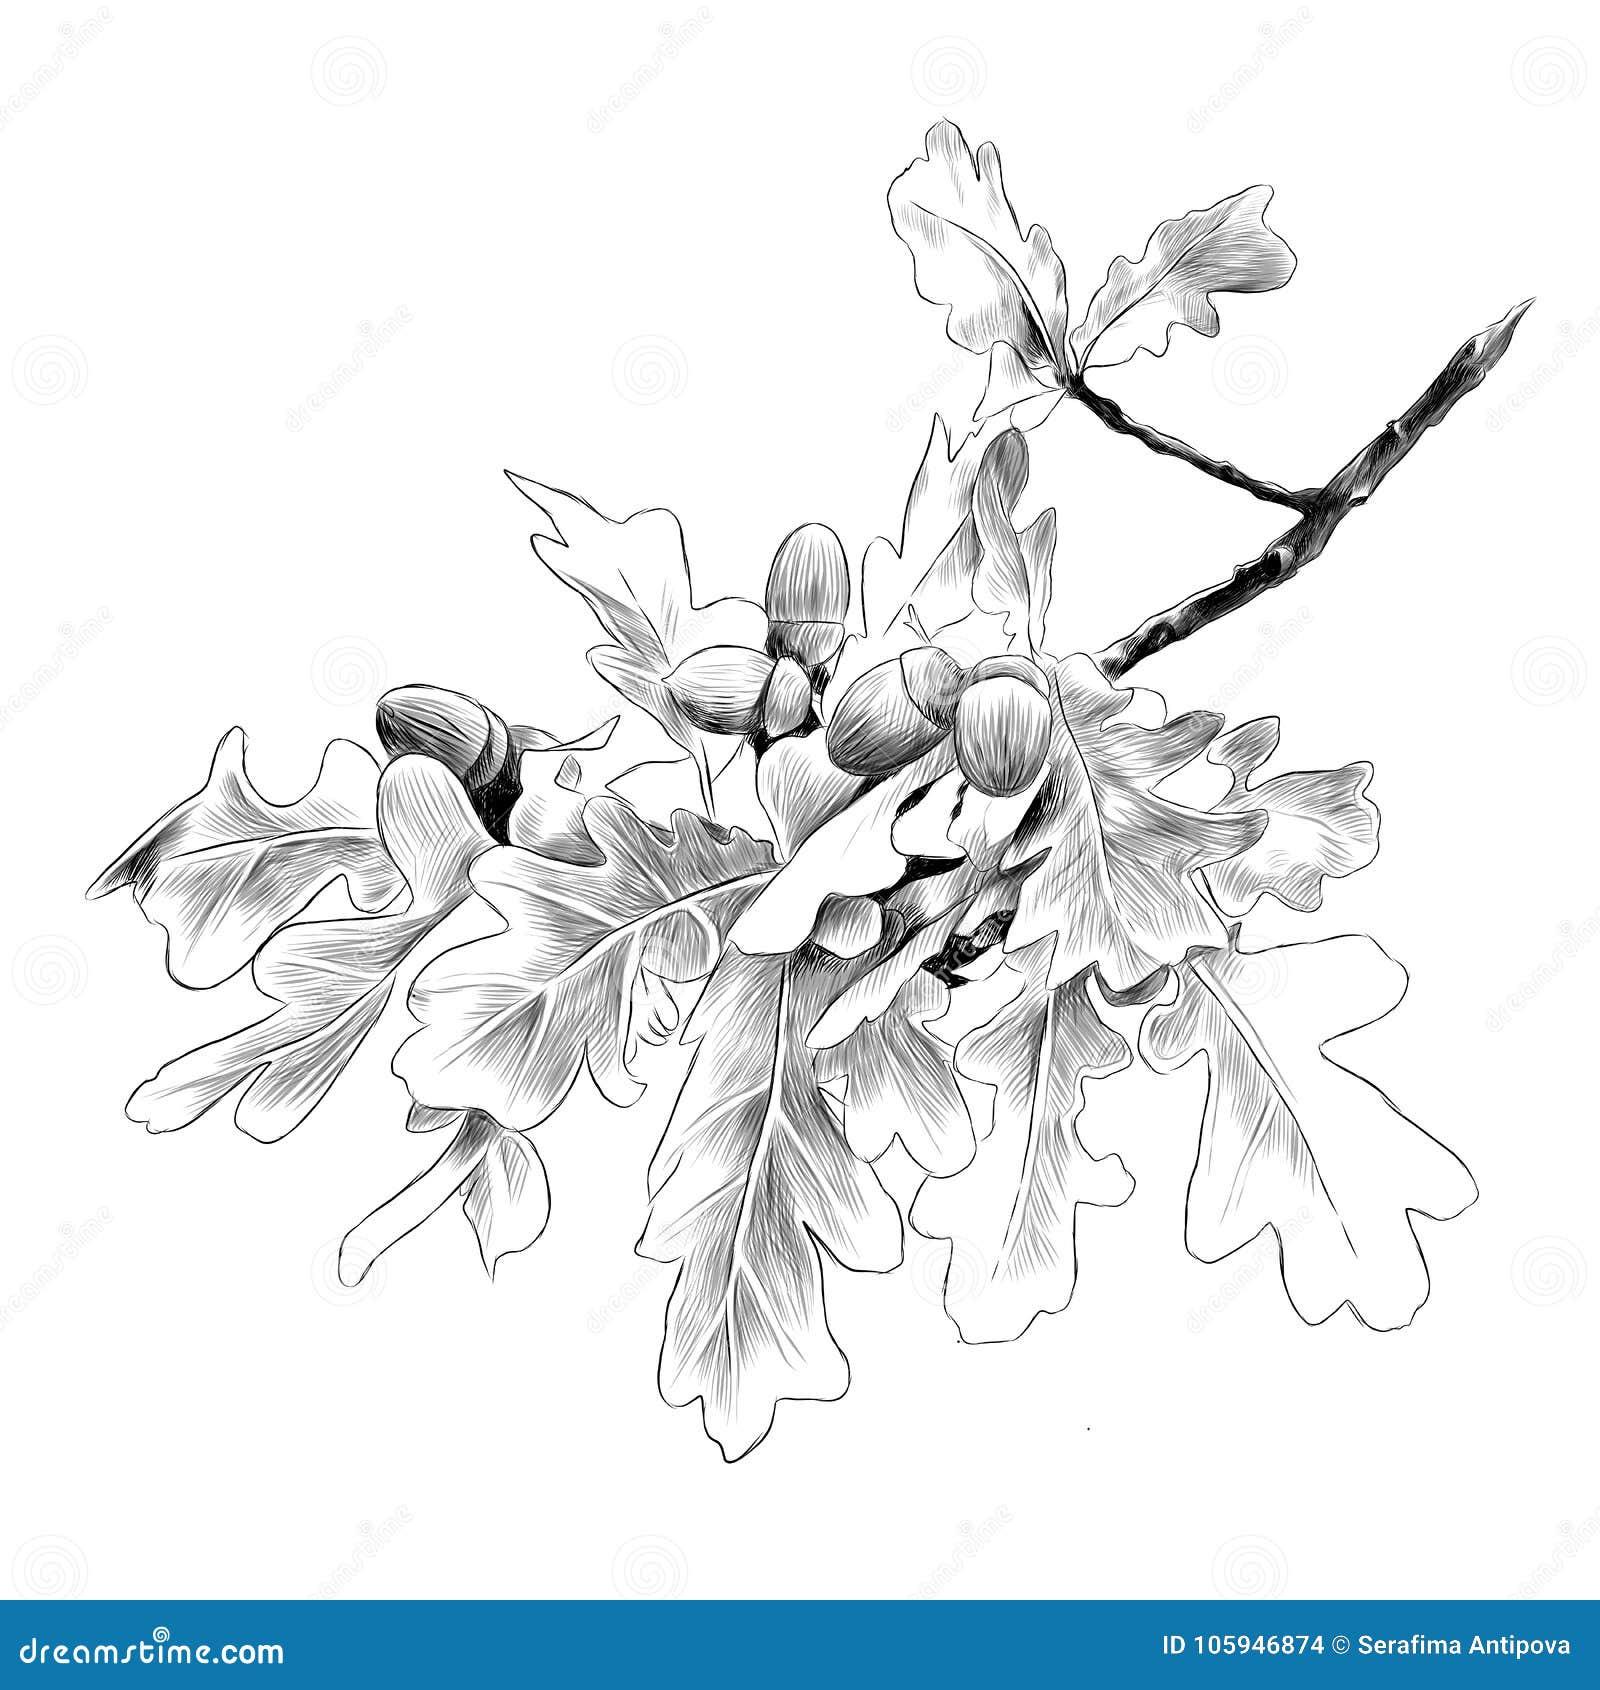 Gráficos de vetor do esboço do ramo do carvalho